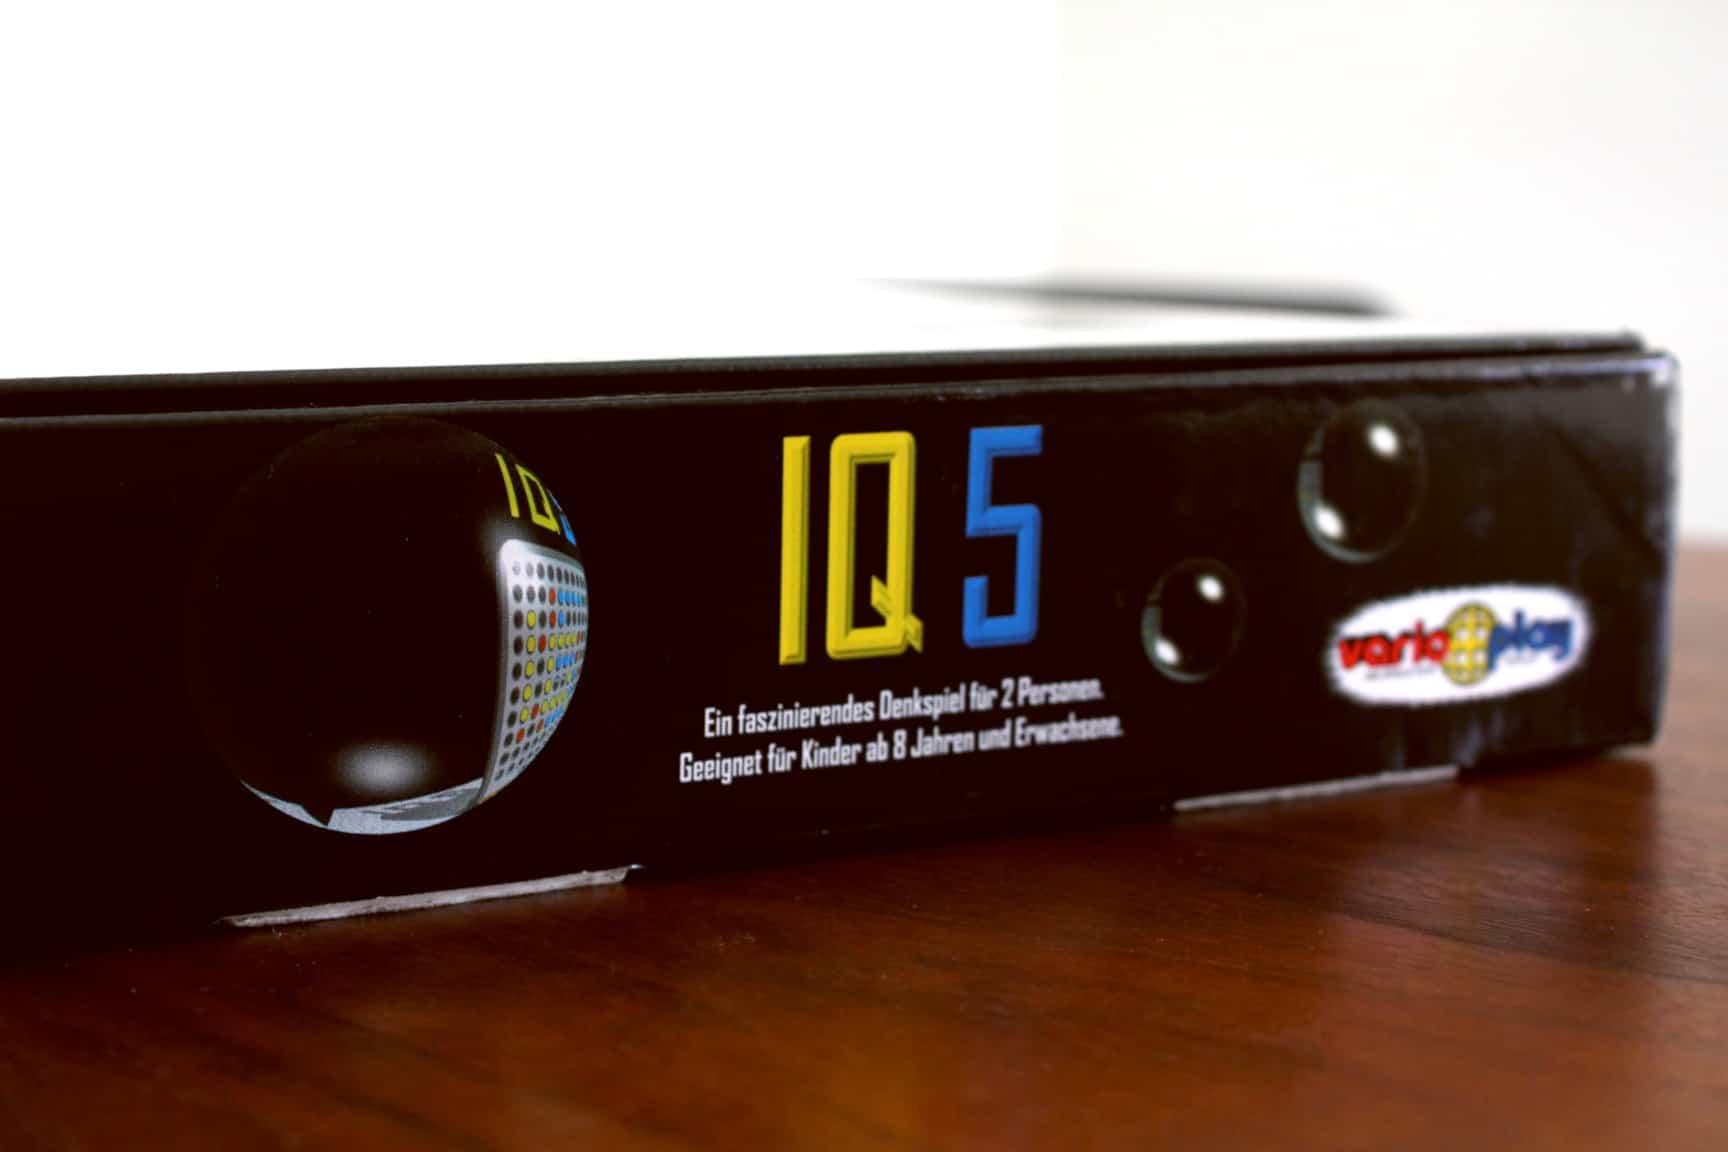 ボードゲーム「IQ5」の箱側面